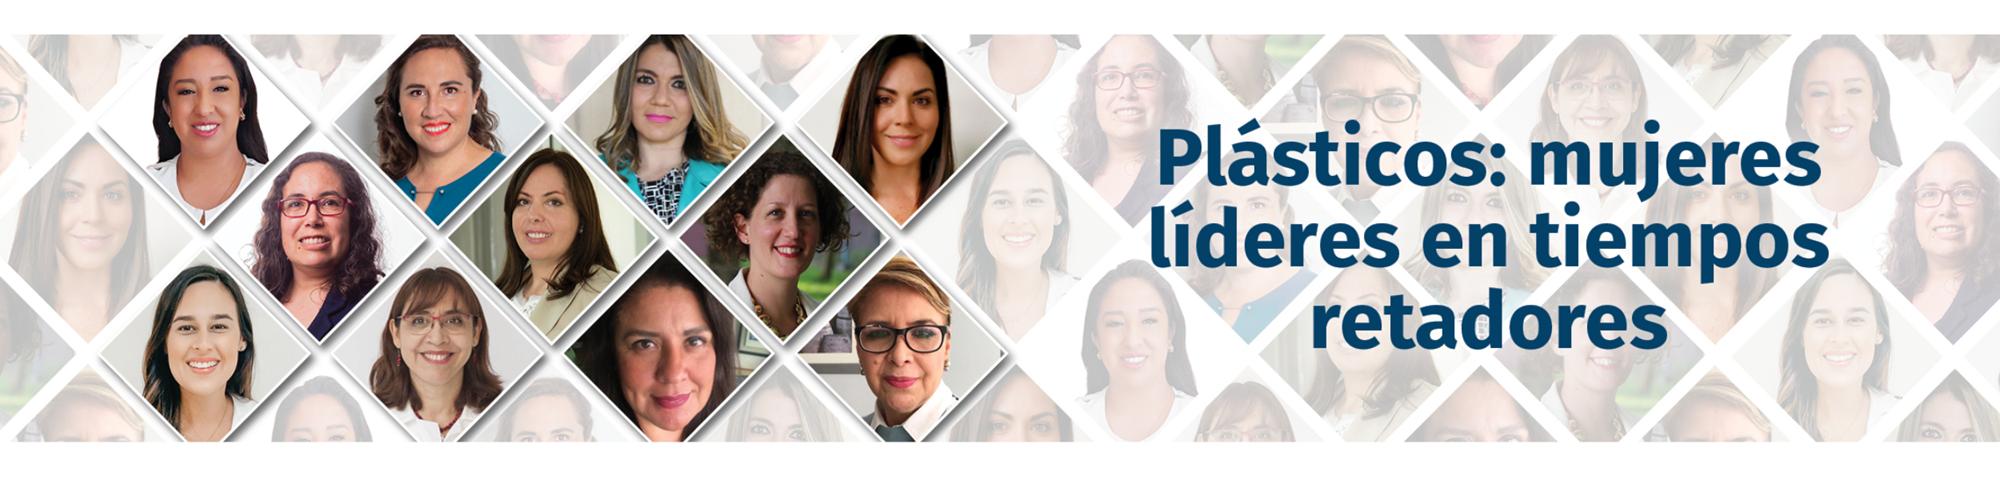 Especial mujeres en la industria plástica 2021.